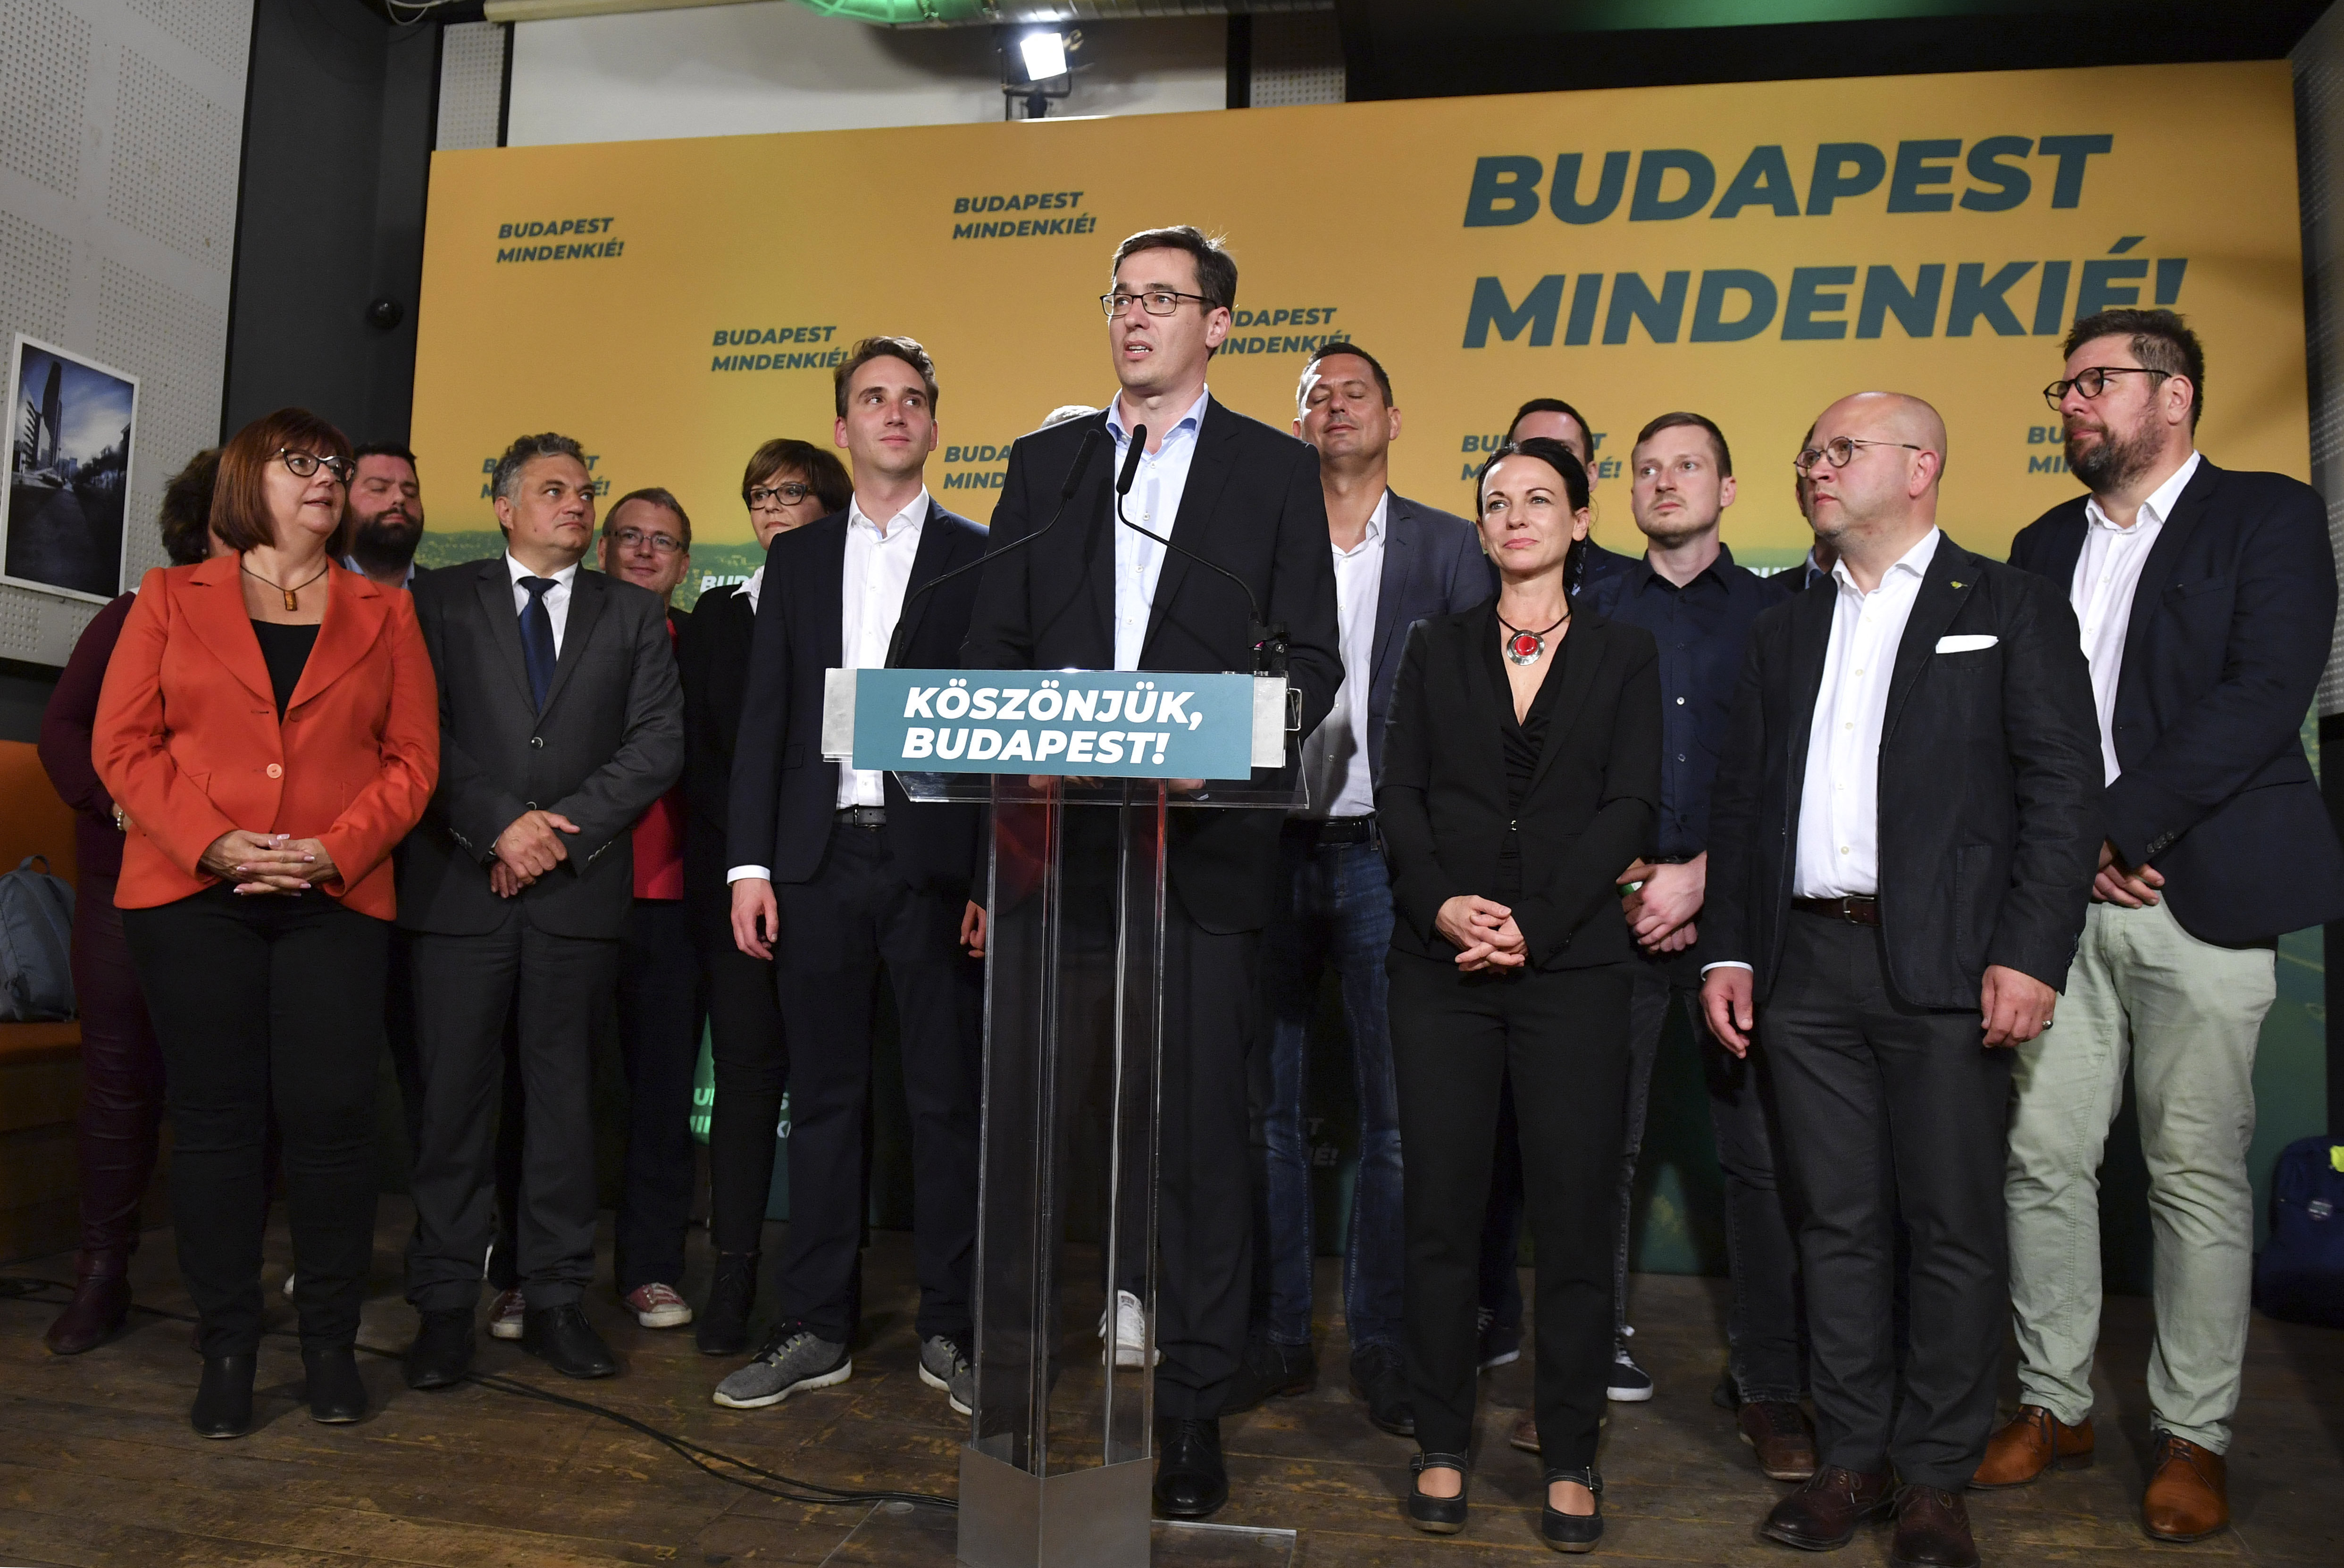 Összesítés: Ezeket a nagyvárosokat és budapesti kerületeket vezetheti a jövőben ellenzéki polgármester